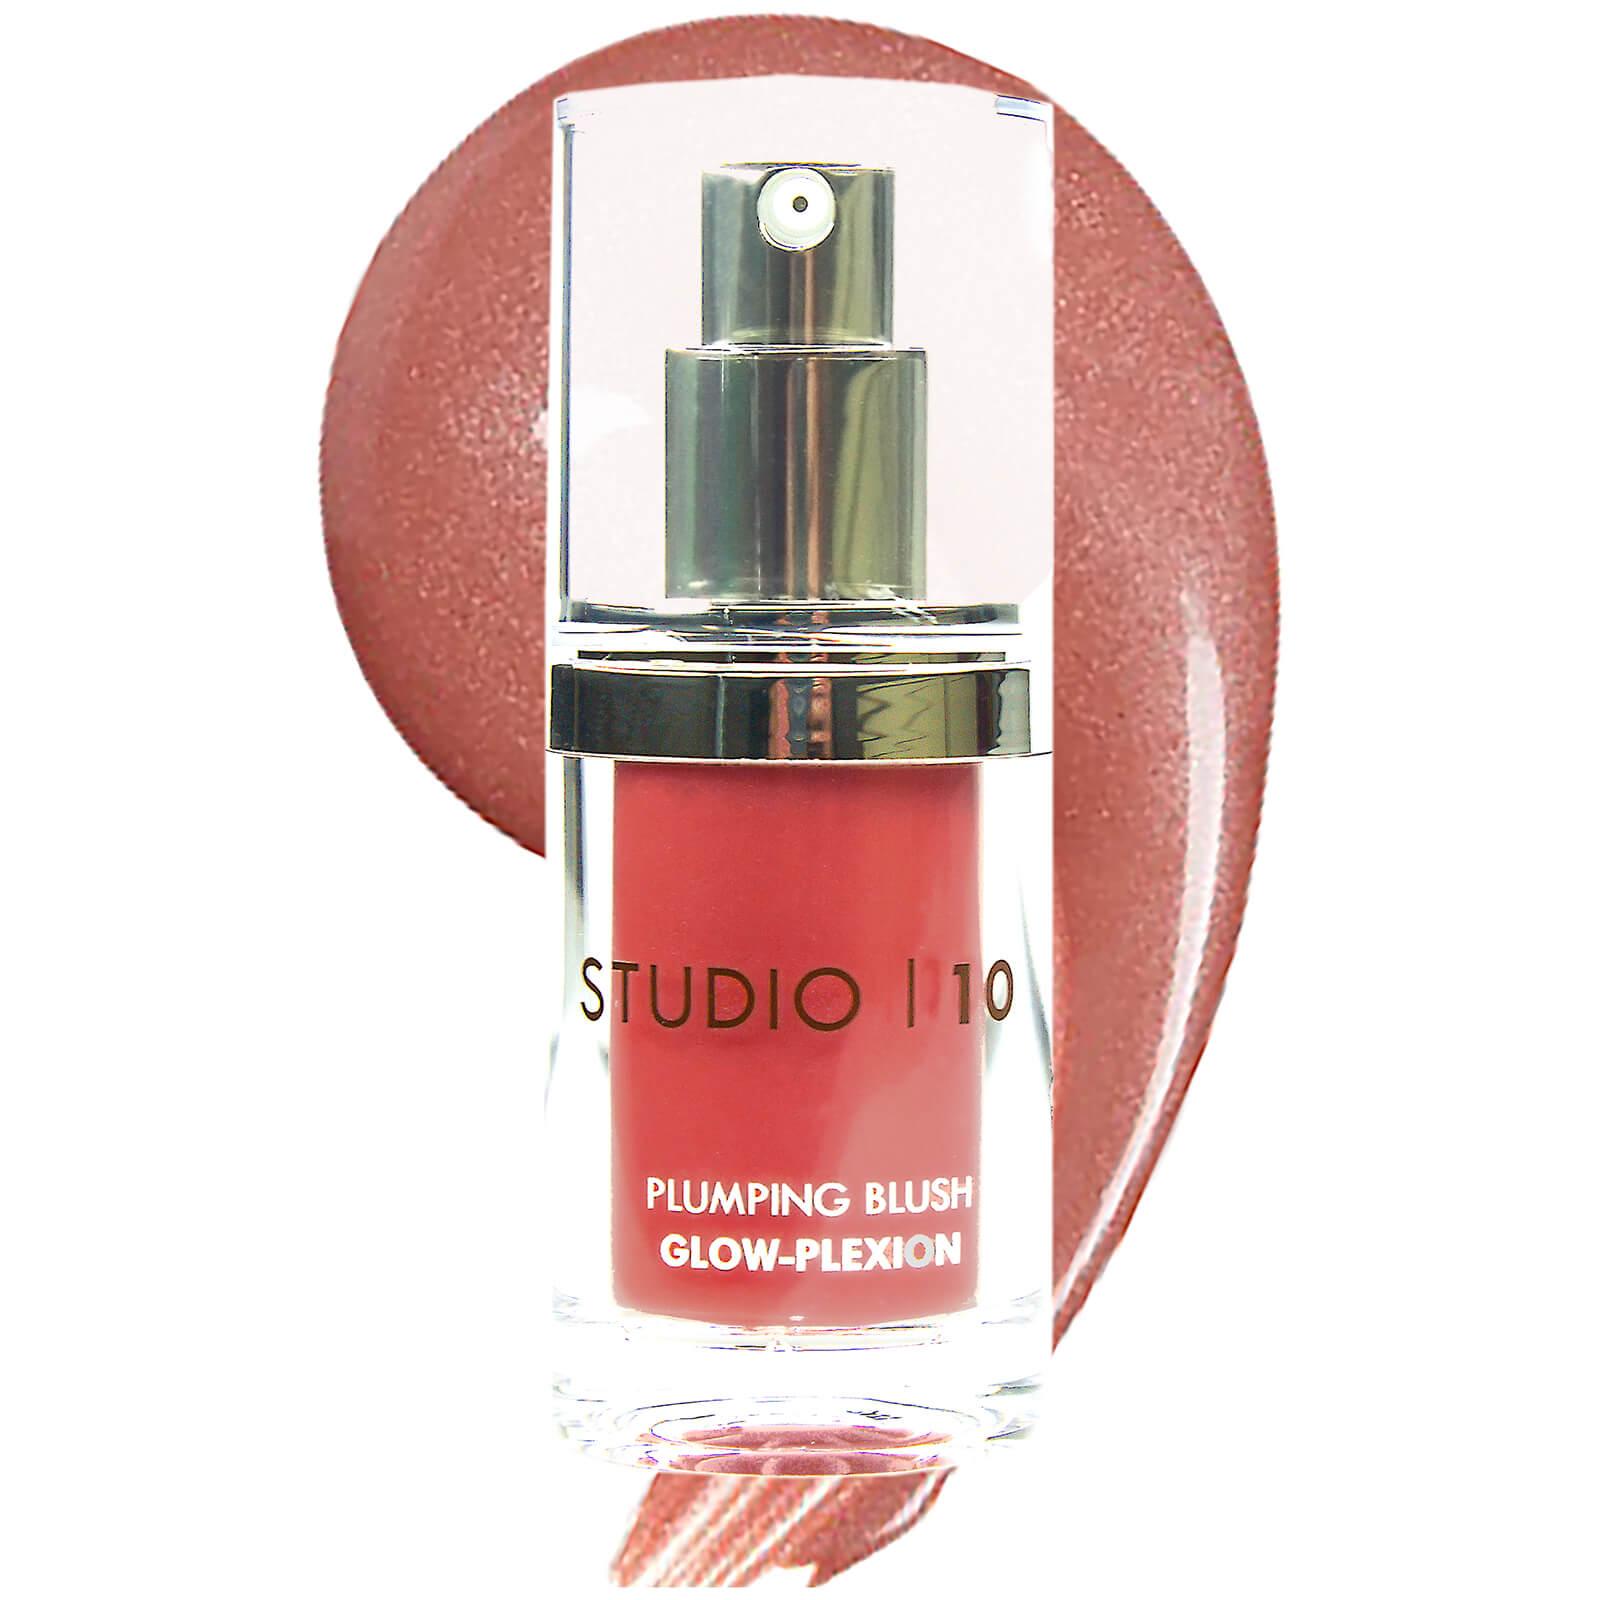 Купить Румяна-блеск Studio 10 Plumping Blush Glow-Plexion